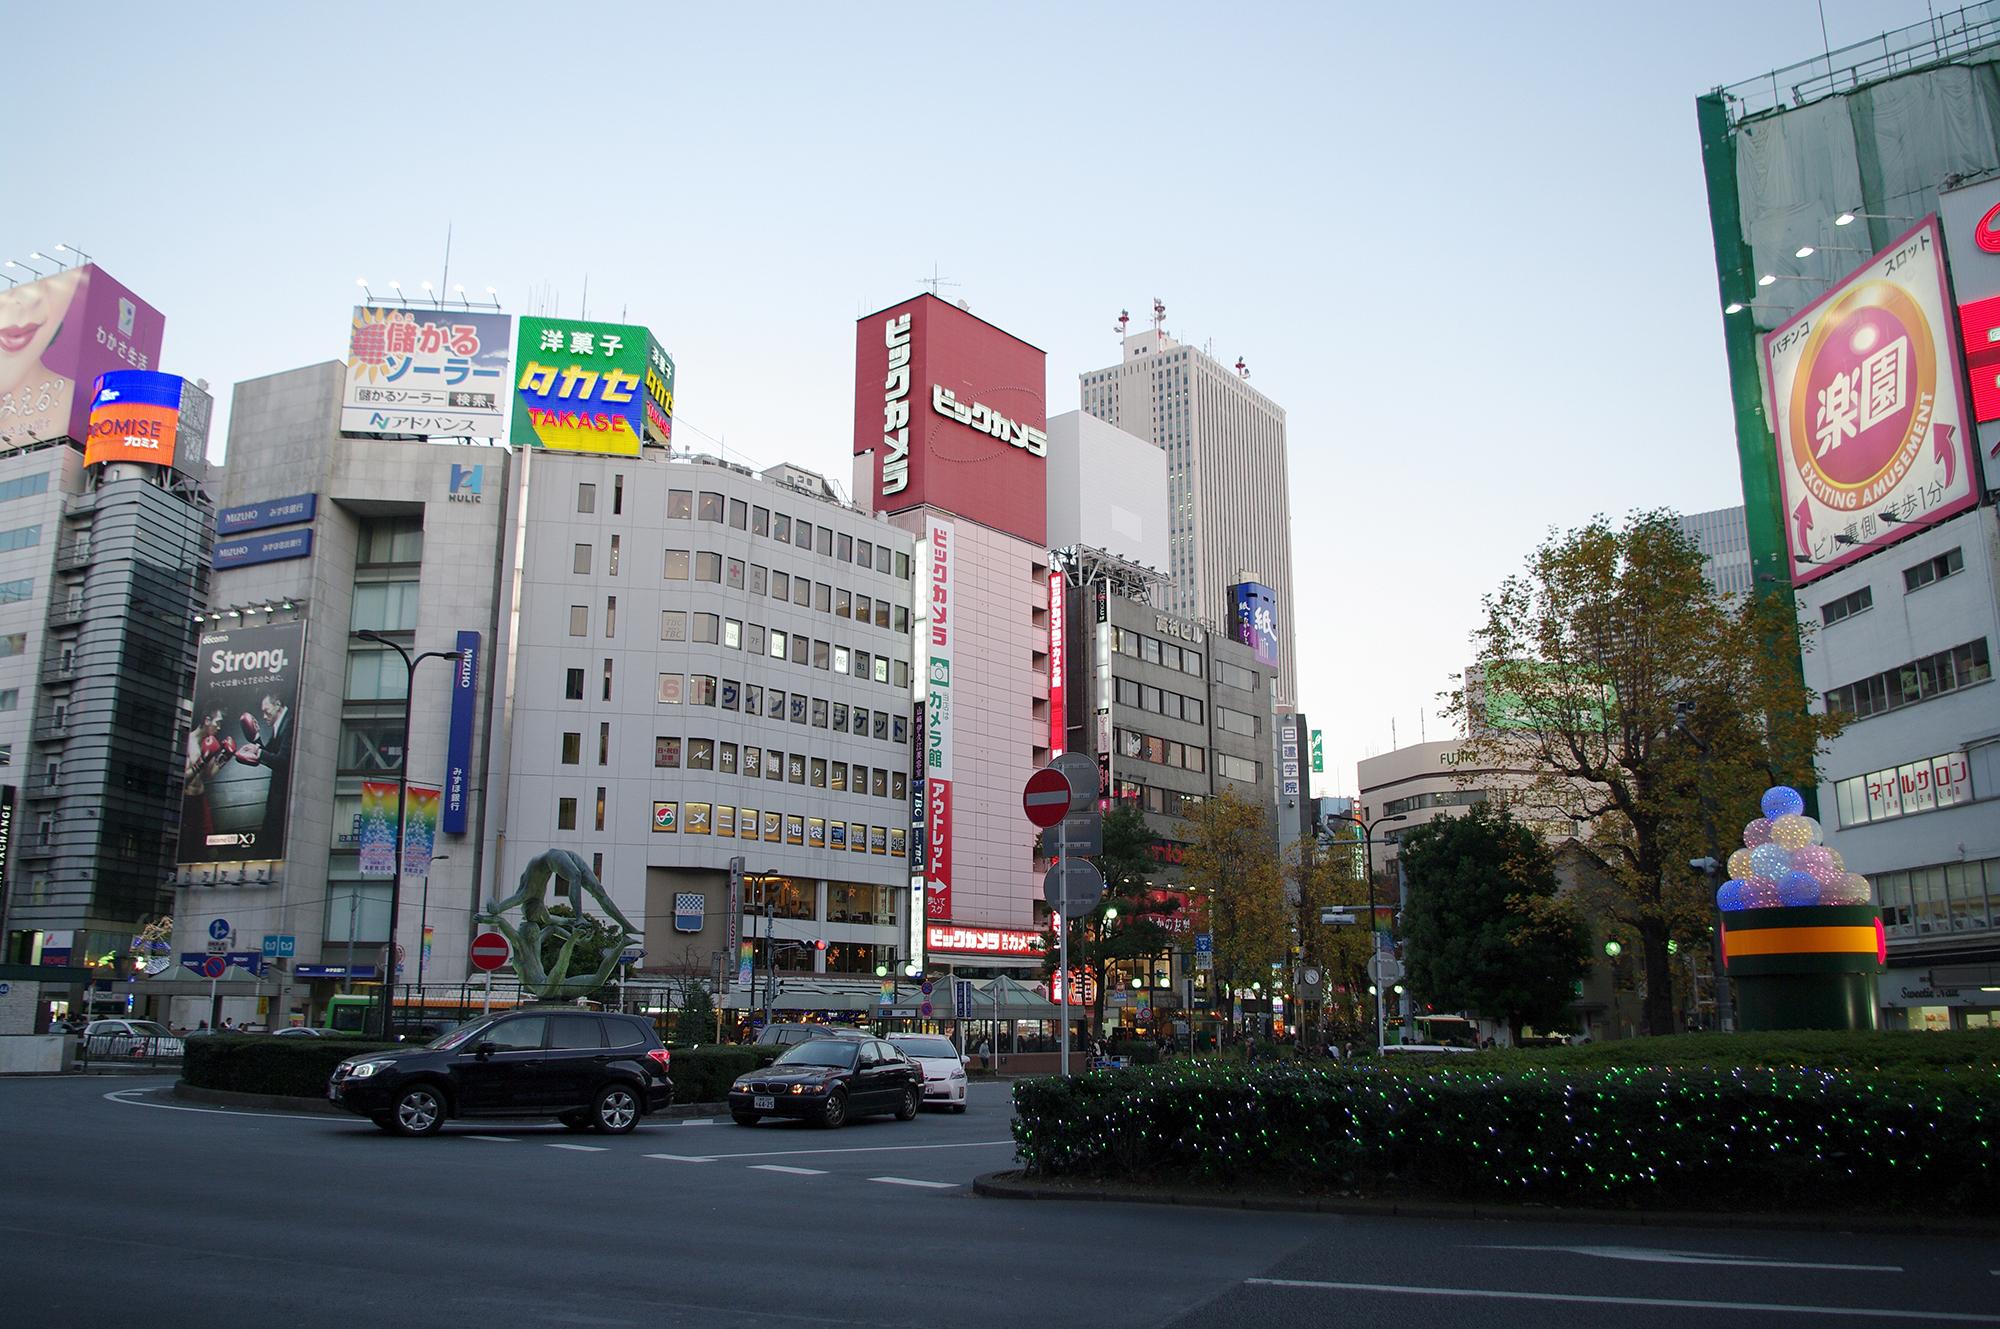 East exit of Ikebukuro station